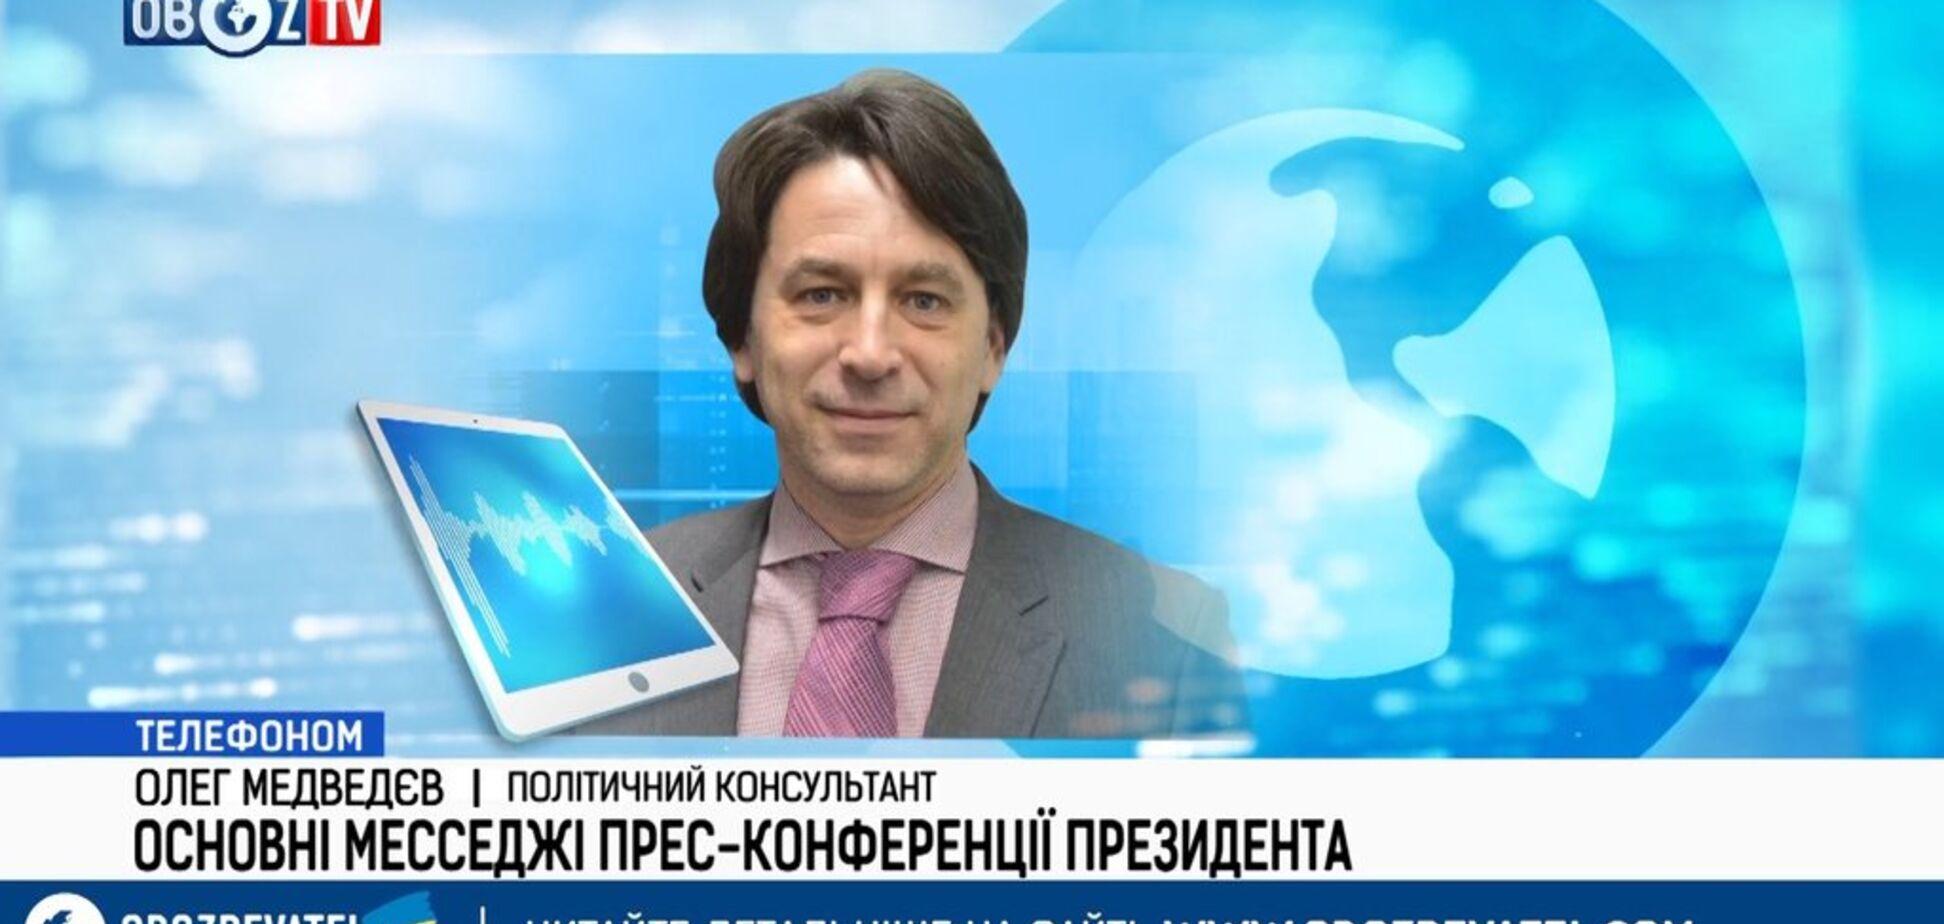 ''Легше було домовиться з Варфоломієм, ніж з українськими церквами'' – політолог розкрив деталі процесу об'єднання церков